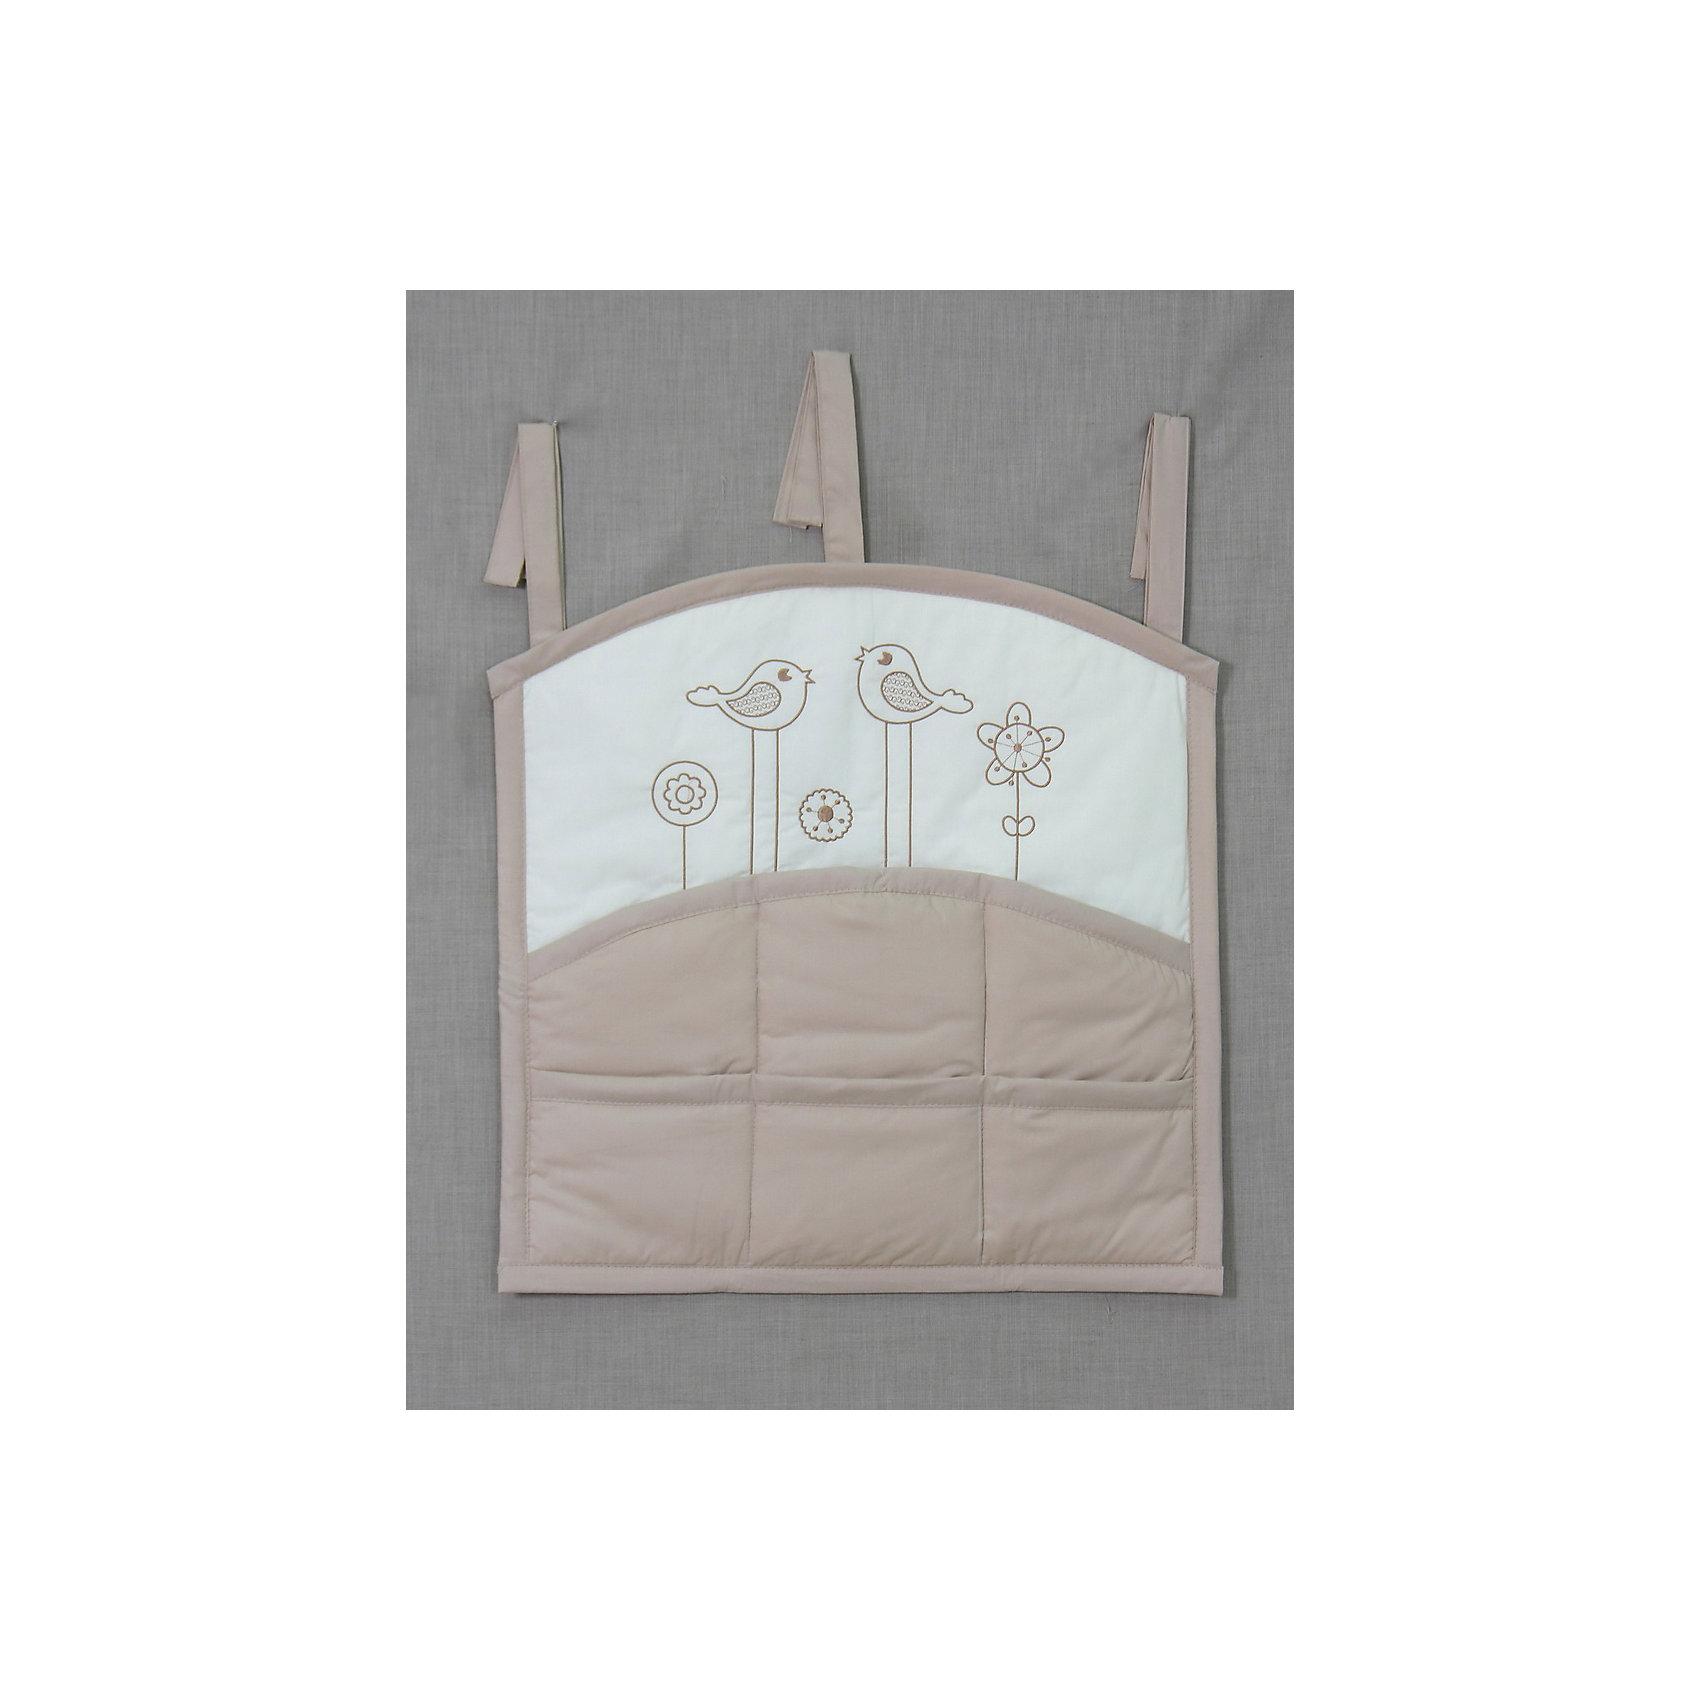 Карман на кроватку Волшебная полянка, FairyПостельное бельё<br>Характеристики товара:<br><br>• возраст с рождения;<br>• материал: хлопок;<br>• размер 59х60 см;<br>• 6 карманов<br>• крепится с помощью 3 завязок<br>• размер упаковки 35х25х5 см;<br>• вес упаковки 300 гр.;<br>• страна производитель: Россия.<br><br>Карман для кроватки «Волшебная полянка» Fairy позволяет маме иметь все необходимые вещи по уходу ха ребенком — салфетки, подгузники, игрушки, соски — всегда под рукой. При помощи 3 завязок карман крепится на кроватку. Предусмотрено 6 карманов для различных предметов. Карман изготовлен из качественного натурального хлопка.<br><br>Карман для кроватки «Волшебная полянка» Fairy можно приобрести в нашем интернет-магазине.<br><br>Ширина мм: 590<br>Глубина мм: 600<br>Высота мм: 100<br>Вес г: 300<br>Возраст от месяцев: 0<br>Возраст до месяцев: 36<br>Пол: Унисекс<br>Возраст: Детский<br>SKU: 5610109